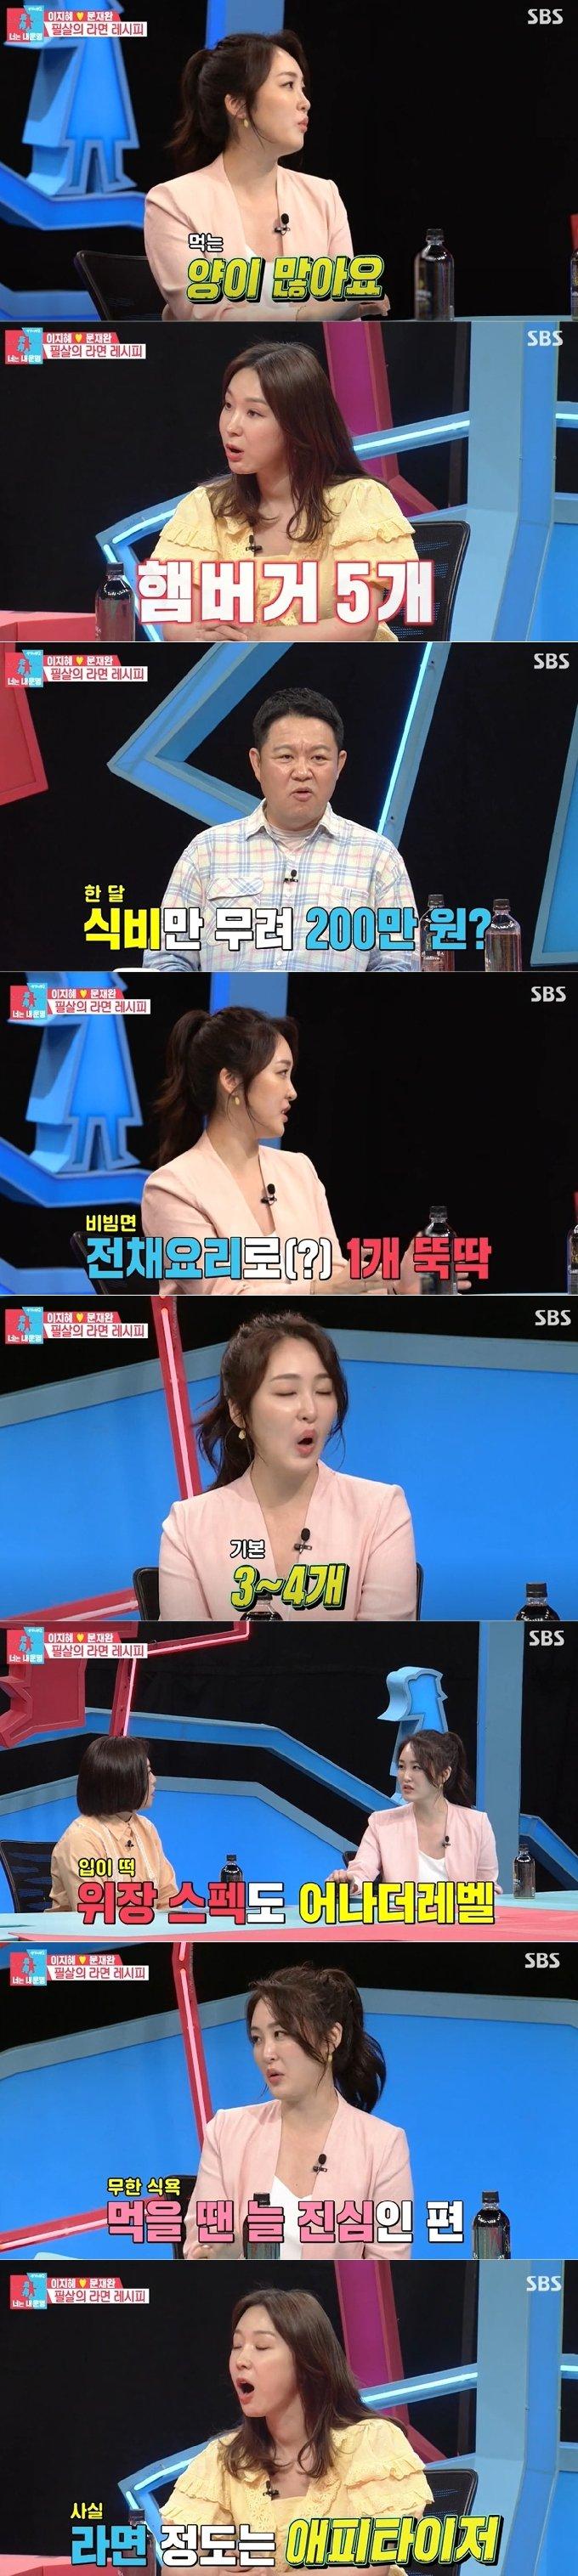 SBS 예능프로그램 '동상이몽 시즌2- 너는 내 운명' 방송 화면 갈무리 © 뉴스1